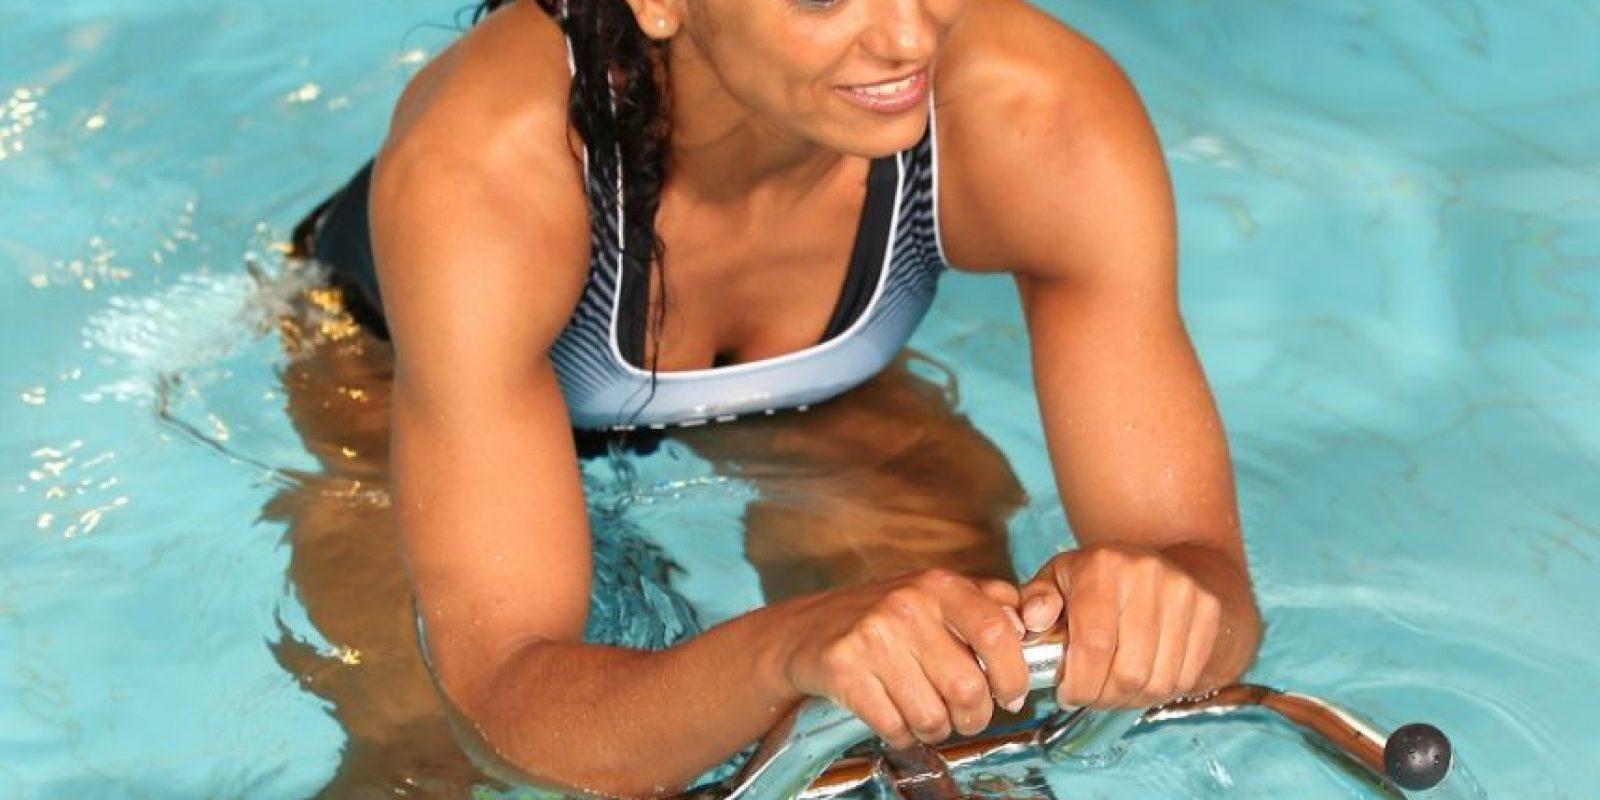 Este entrenamiento permite tonificar, además, brazos y abdomen. Foto:Fuente Externa